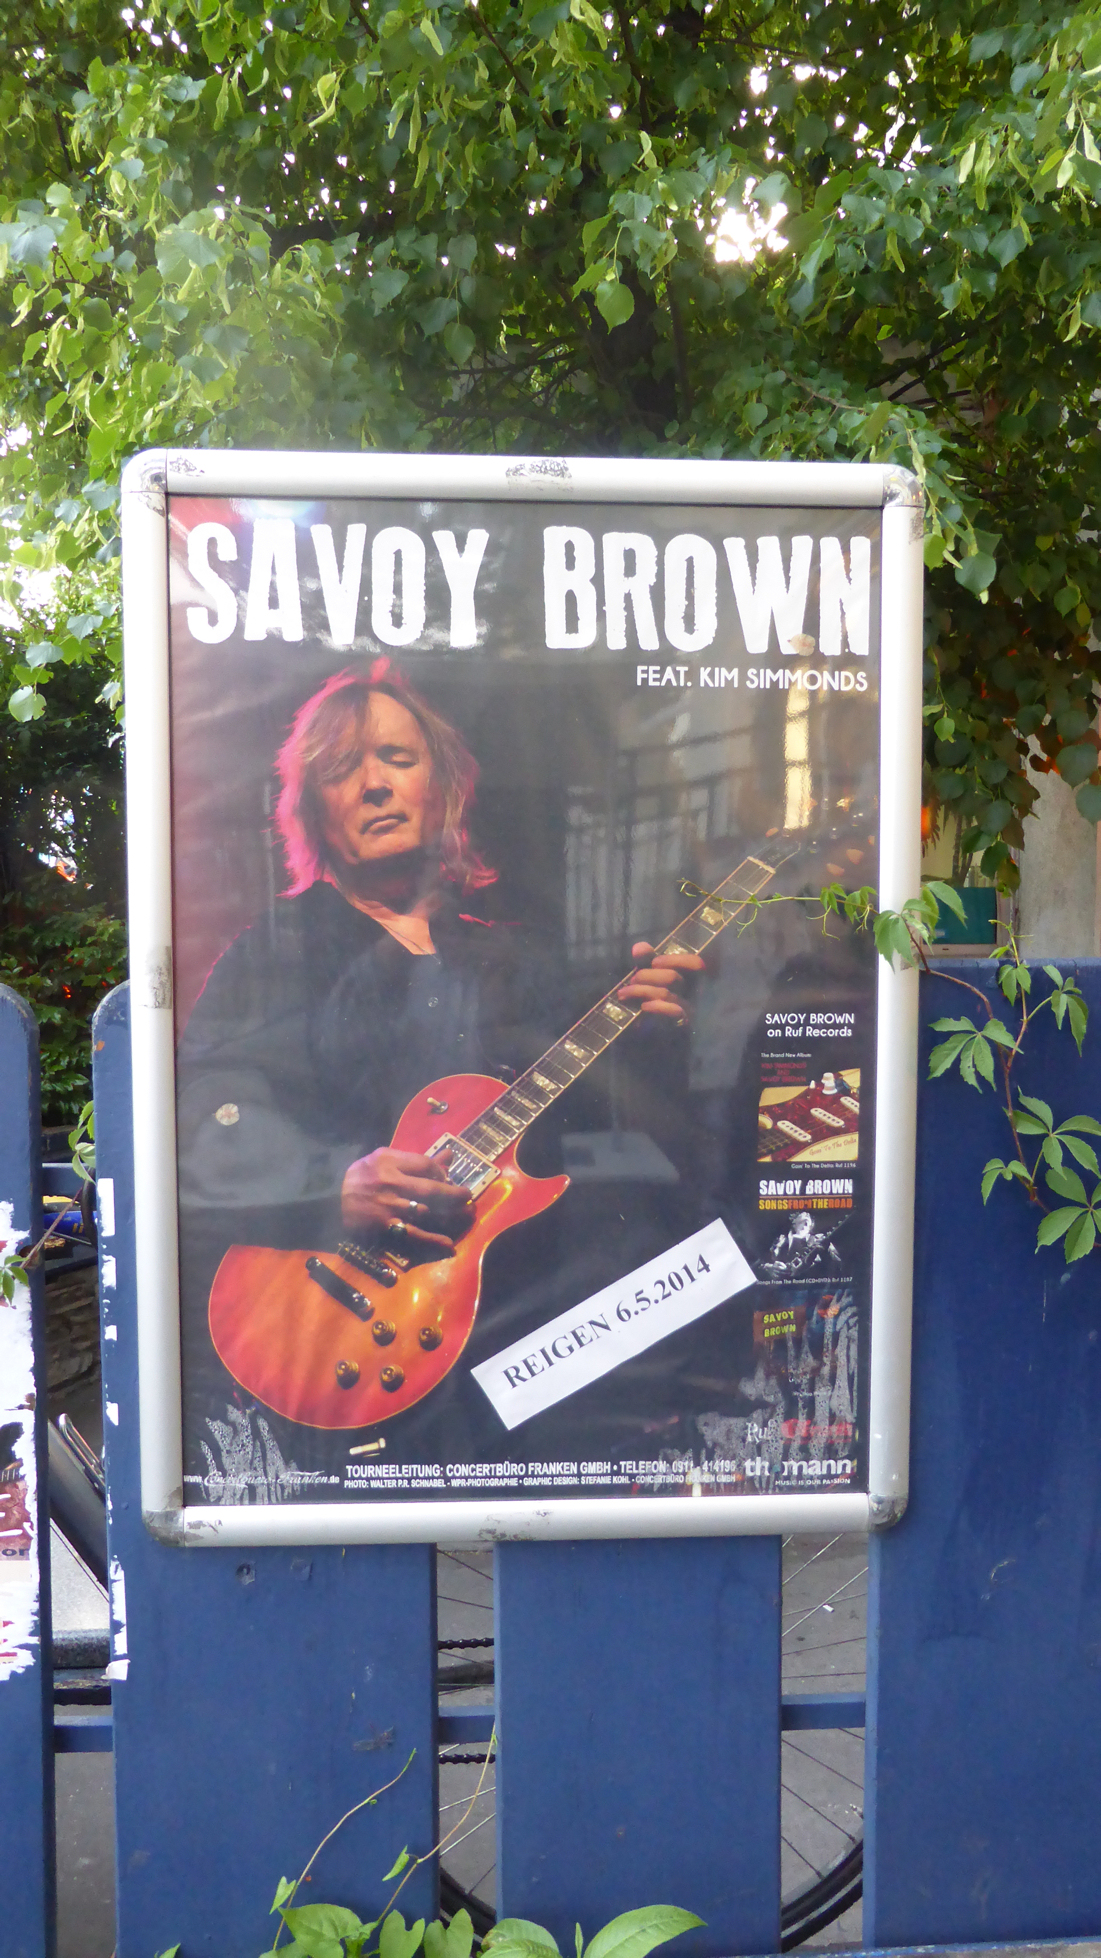 SavoyBrown2014-05-06ReigenViennaAustria.jpg